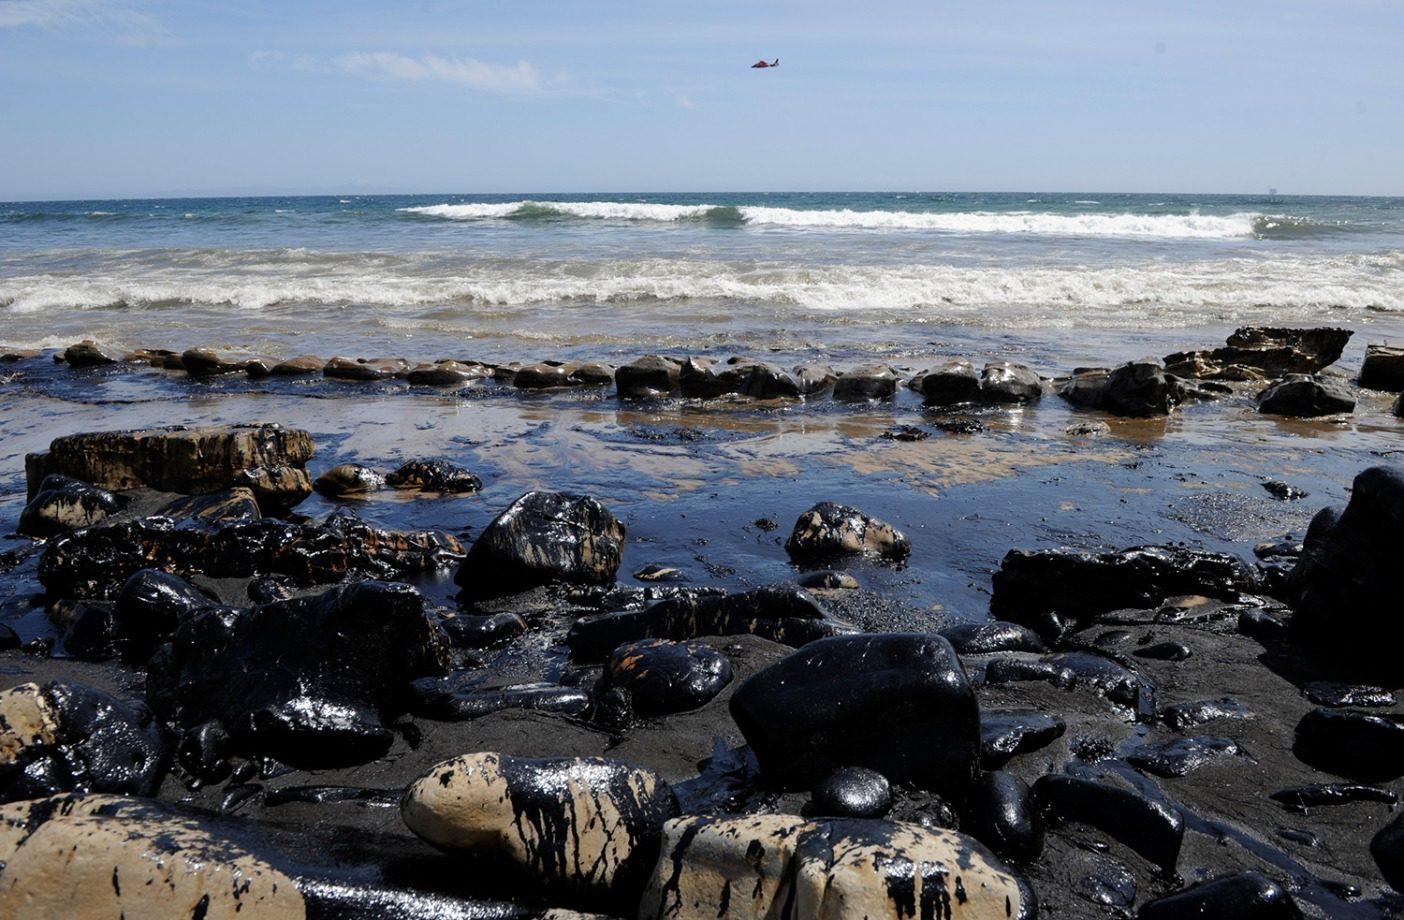 カリフォルニア州南部のレフュジオ州立ビーチの海岸線に流出した原油。2015年5月、破裂したパイプラインから53万リットルの原油が太平洋に流出したあと、ガヴィオタ海岸線の11キロに広がる油膜。何百もの鳥と海洋哺乳類が死に、商業漁業は何週間も、レフュジオ州立公園のサーフブレイクは何か月にもわたって閉鎖された。Photo: Paul Wellman